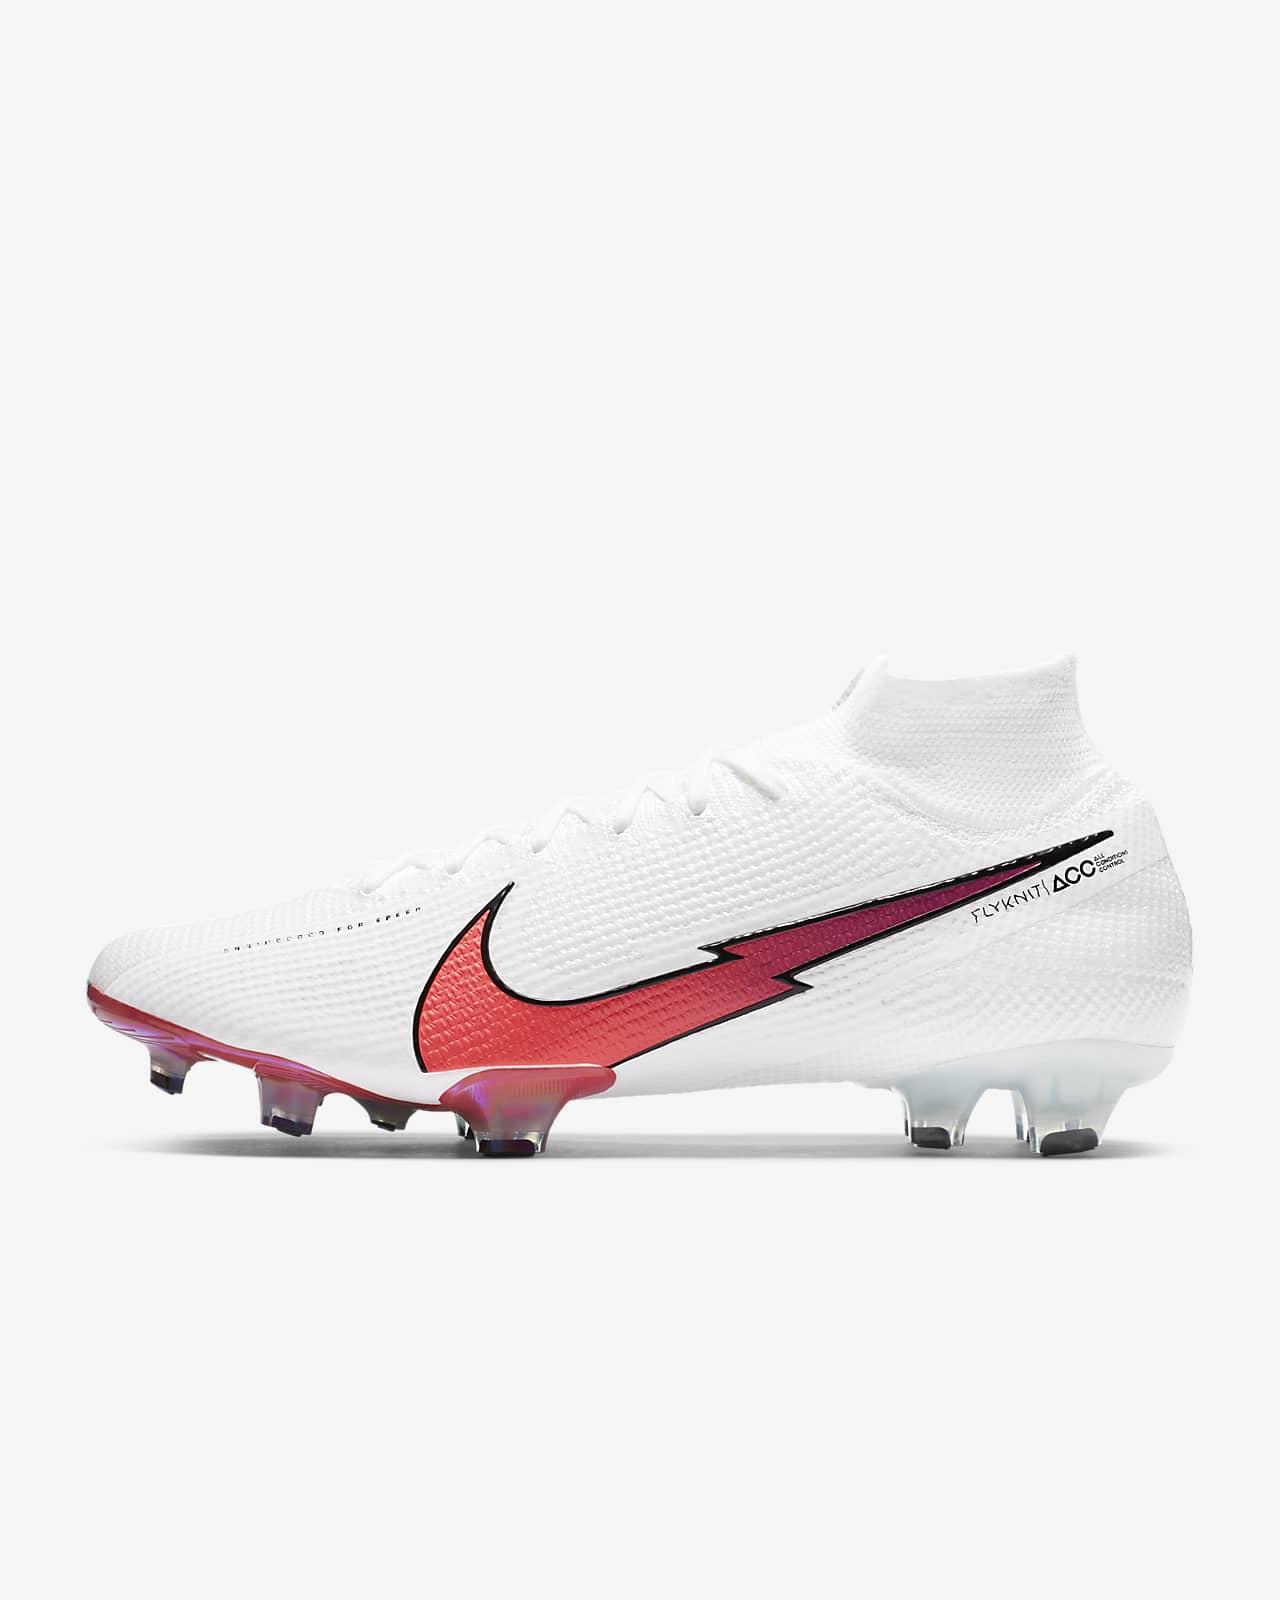 Футбольные бутсы для игры на твердом грунте Nike Mercurial Superfly 7 Elite FG